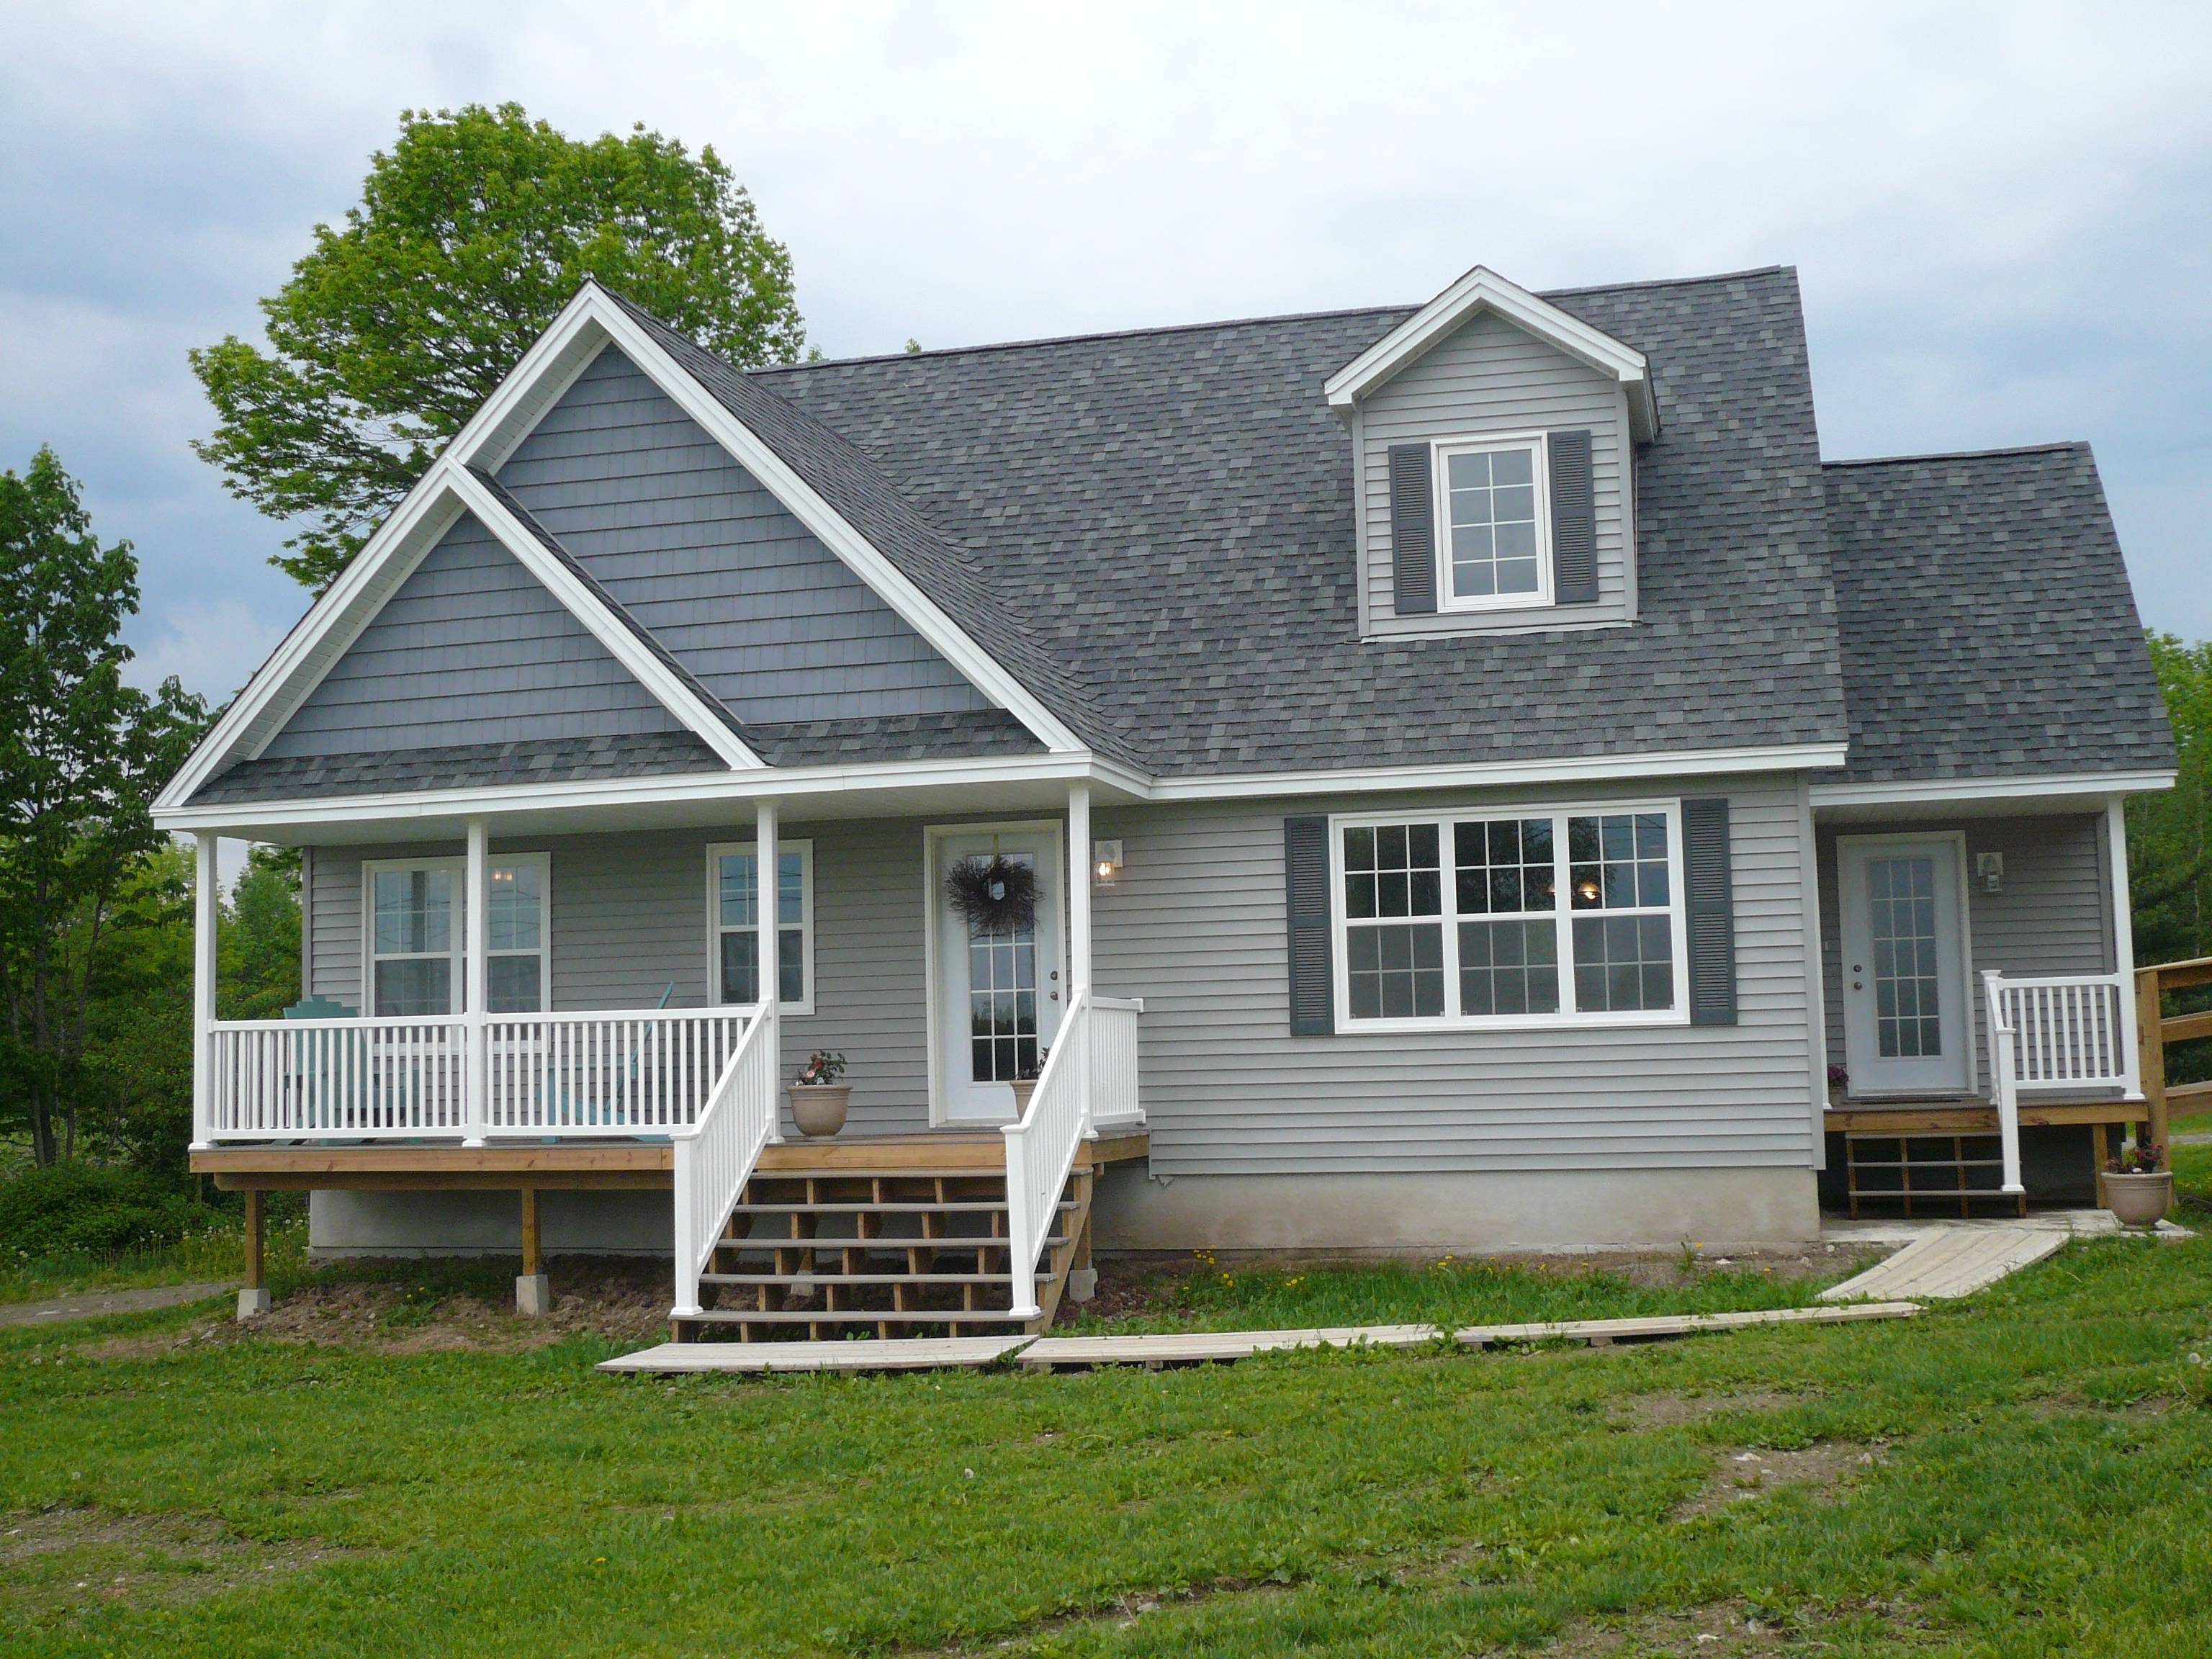 New Buy Mobile Home Modular Homes Sale